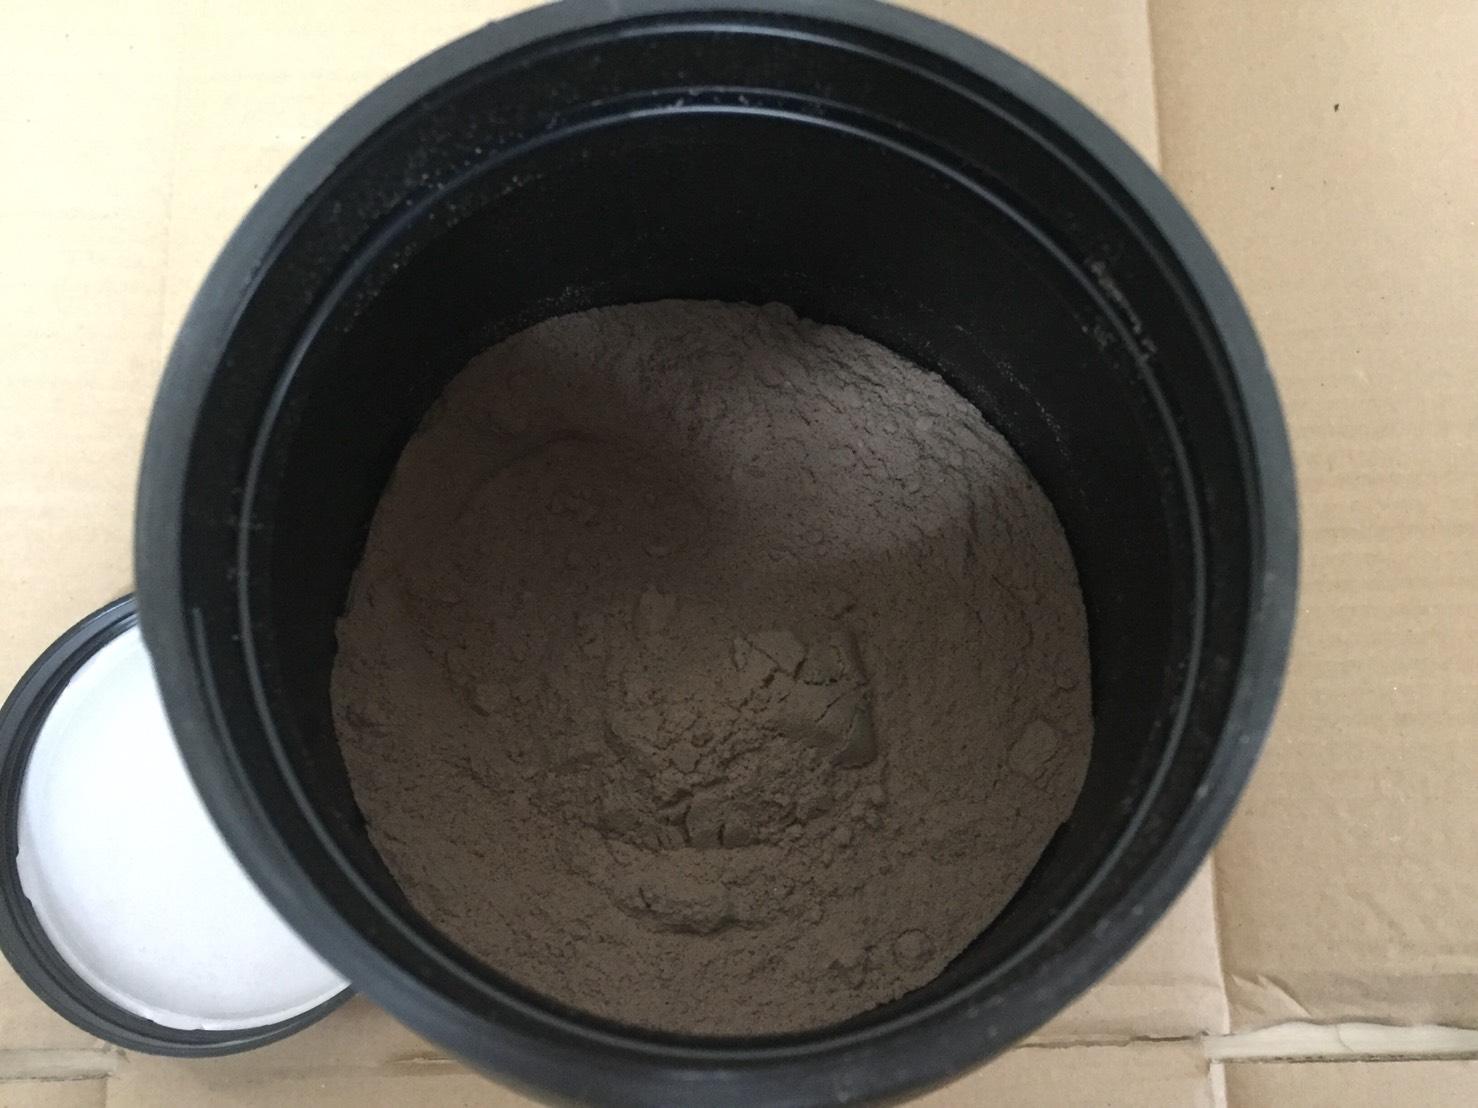 ゴールドスタンダードの付属スプーンは容器の奥底に埋まっています